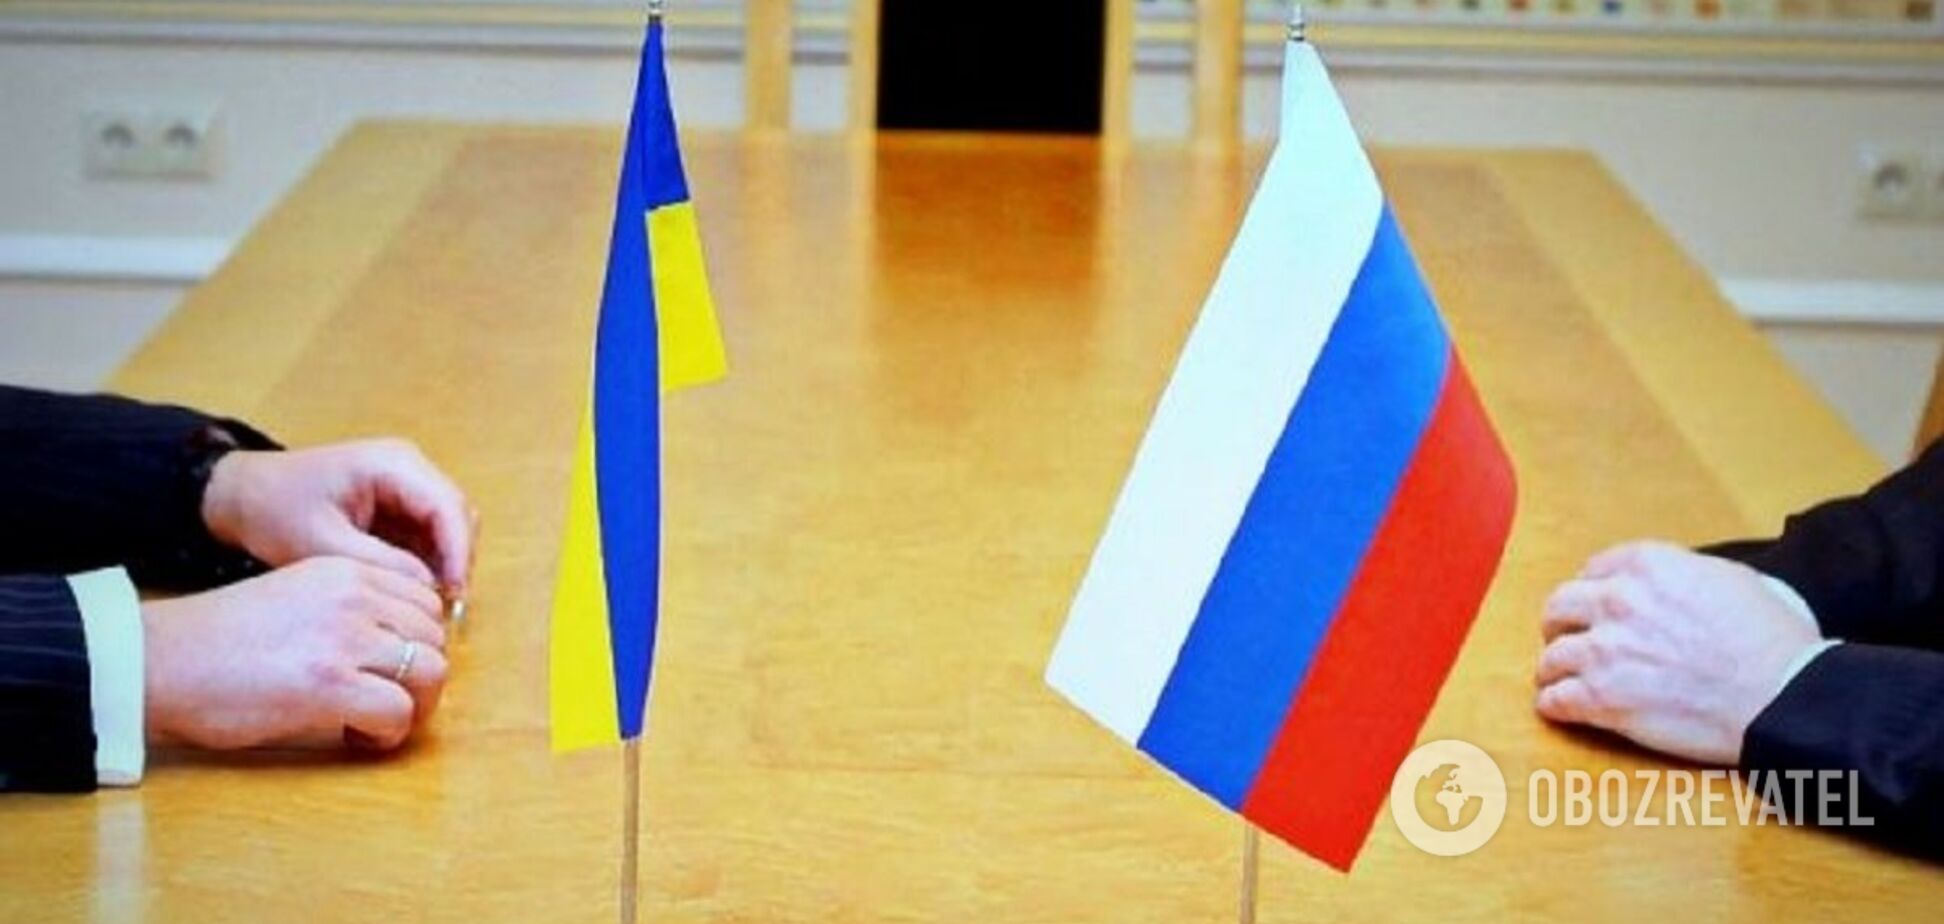 Росія запросила на засідання ТКГ своїх громадян нібито від Л / ДНР